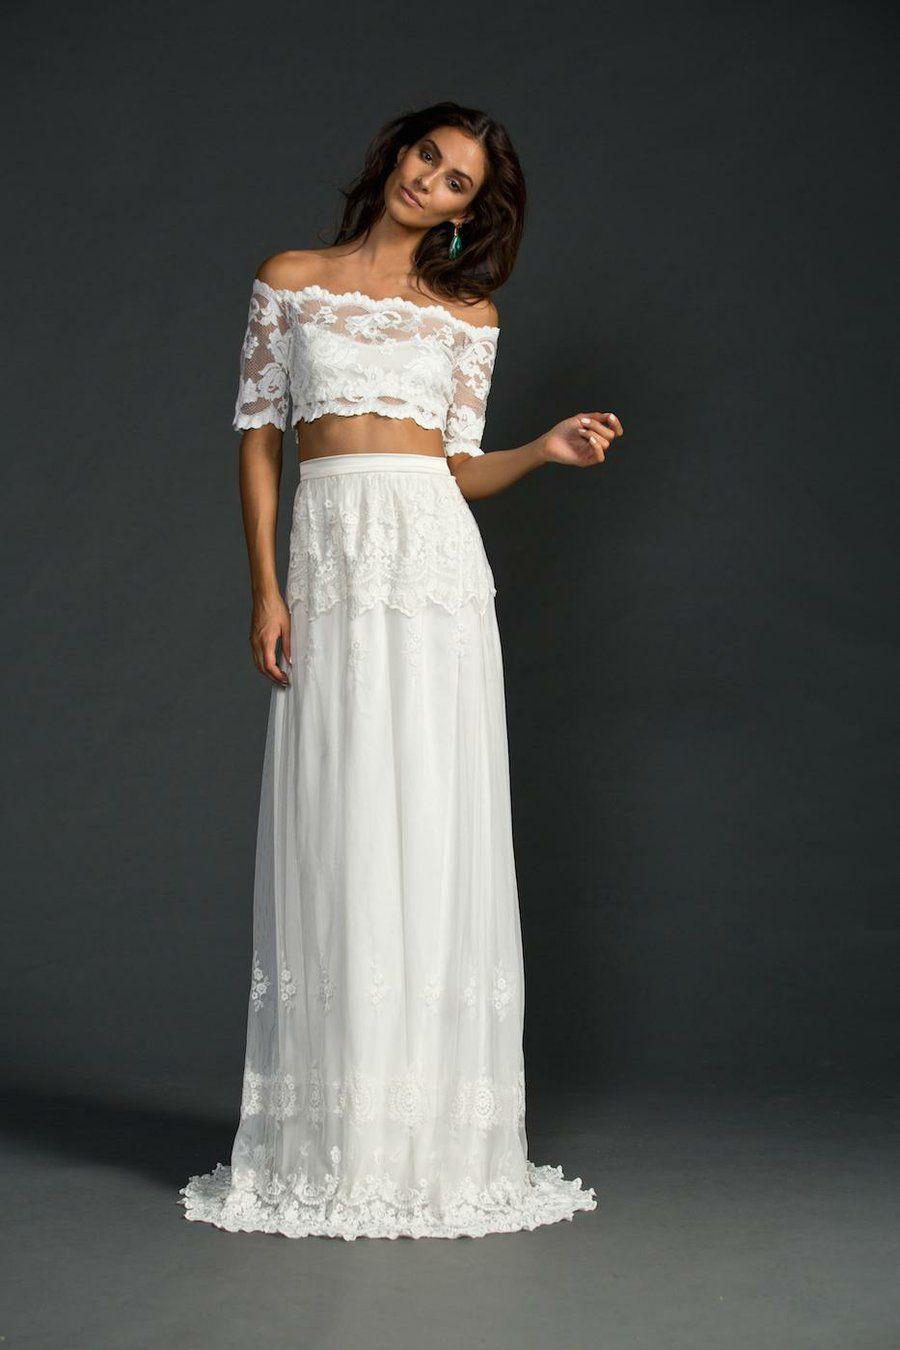 100 vestidos bohemios para novia. ¡Encontrarás el tuyo!  f3cd45f4c1d5